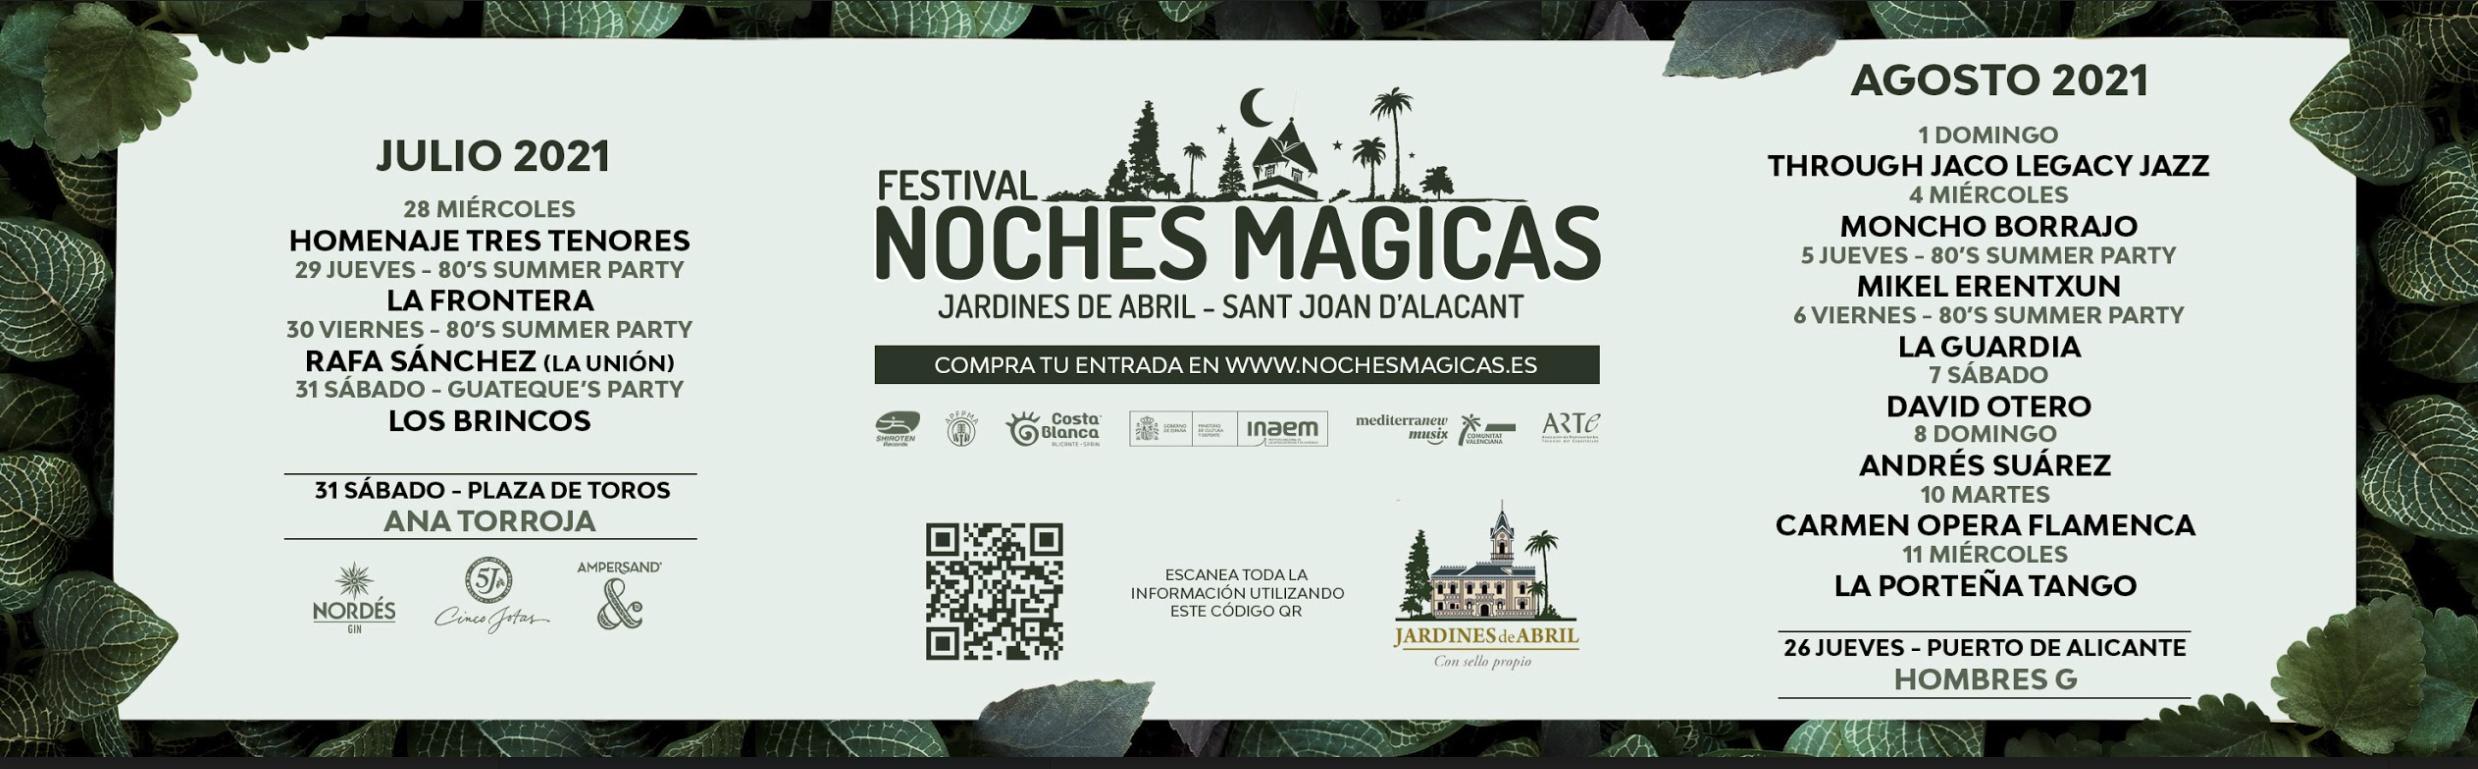 Compra ya tu entrada para uno de los conciertos del Festival Noches Mágicas